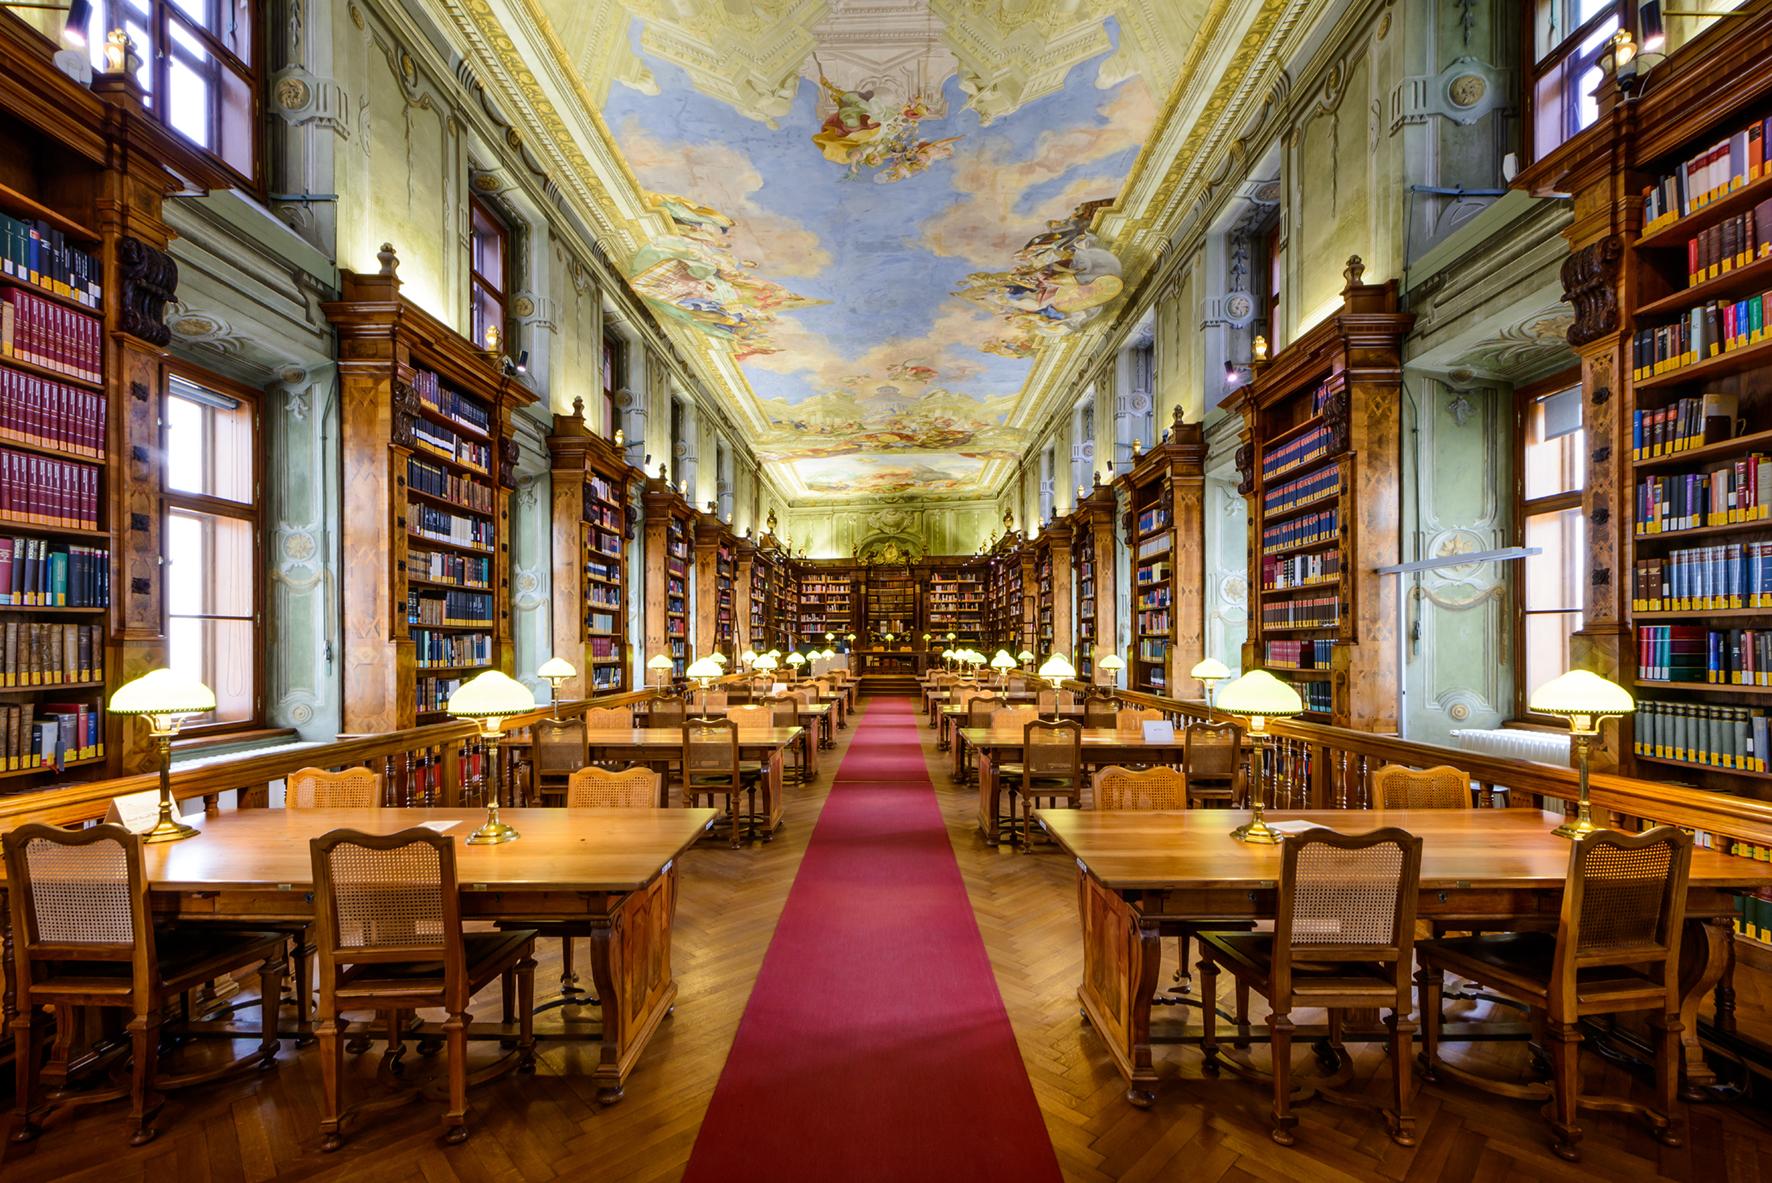 Императорский читальный зал (Фото с сайта Австрийской национальной библиотеки: onb.ac.at)